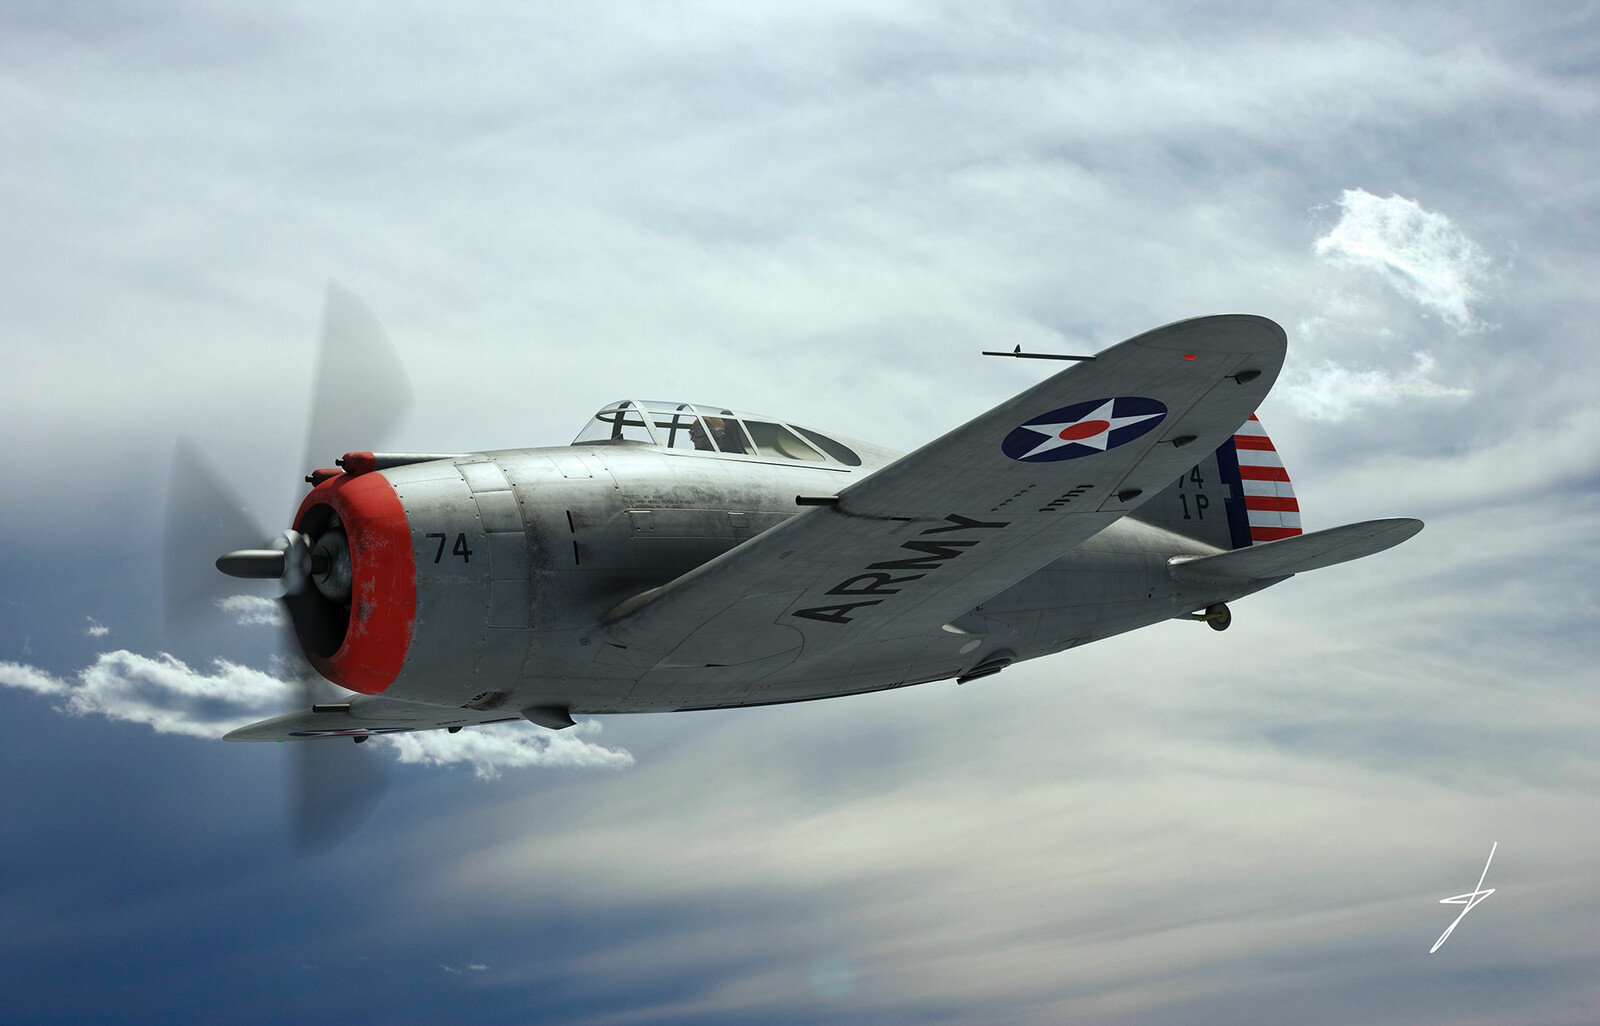 Republic YP-43 Lancer, 1941